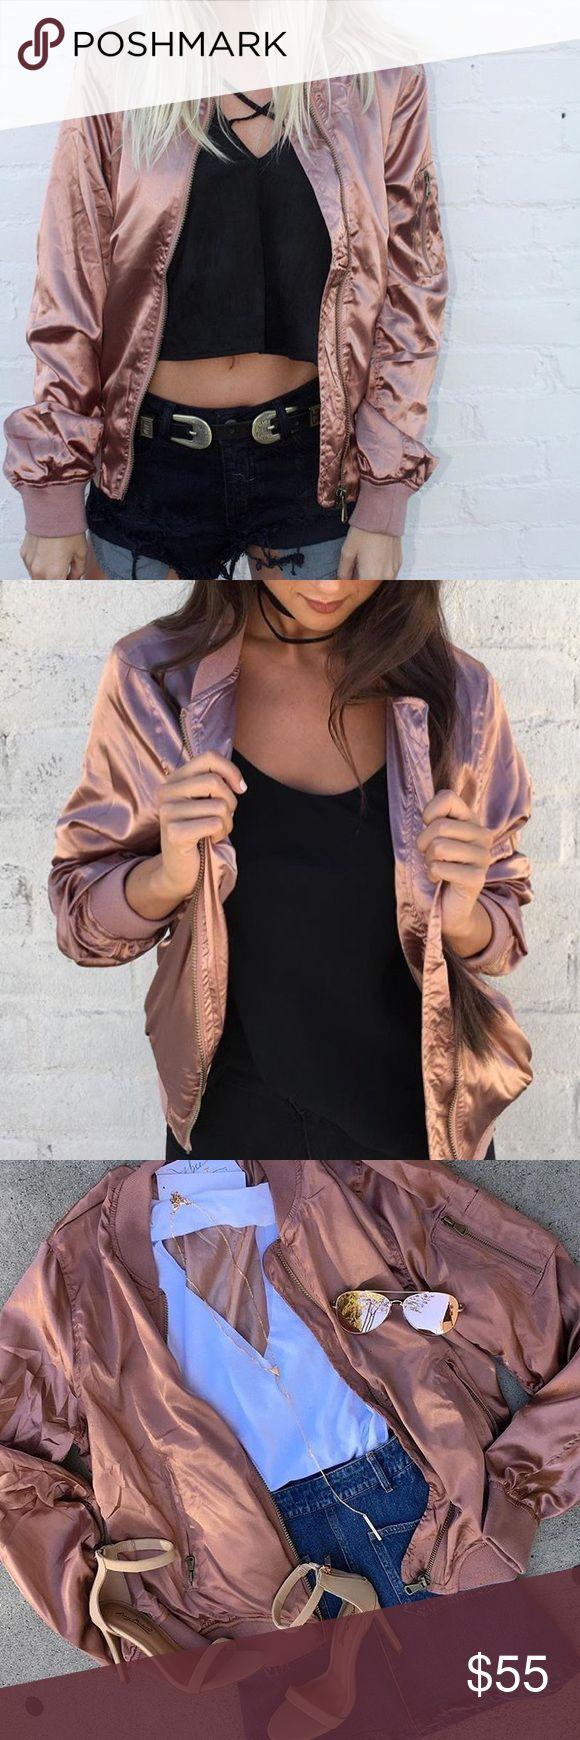 RESTOCKED ALL SIZES Rosegold Satin Bomber Jacket Brand new. BOGO excluded Jackets & Coats